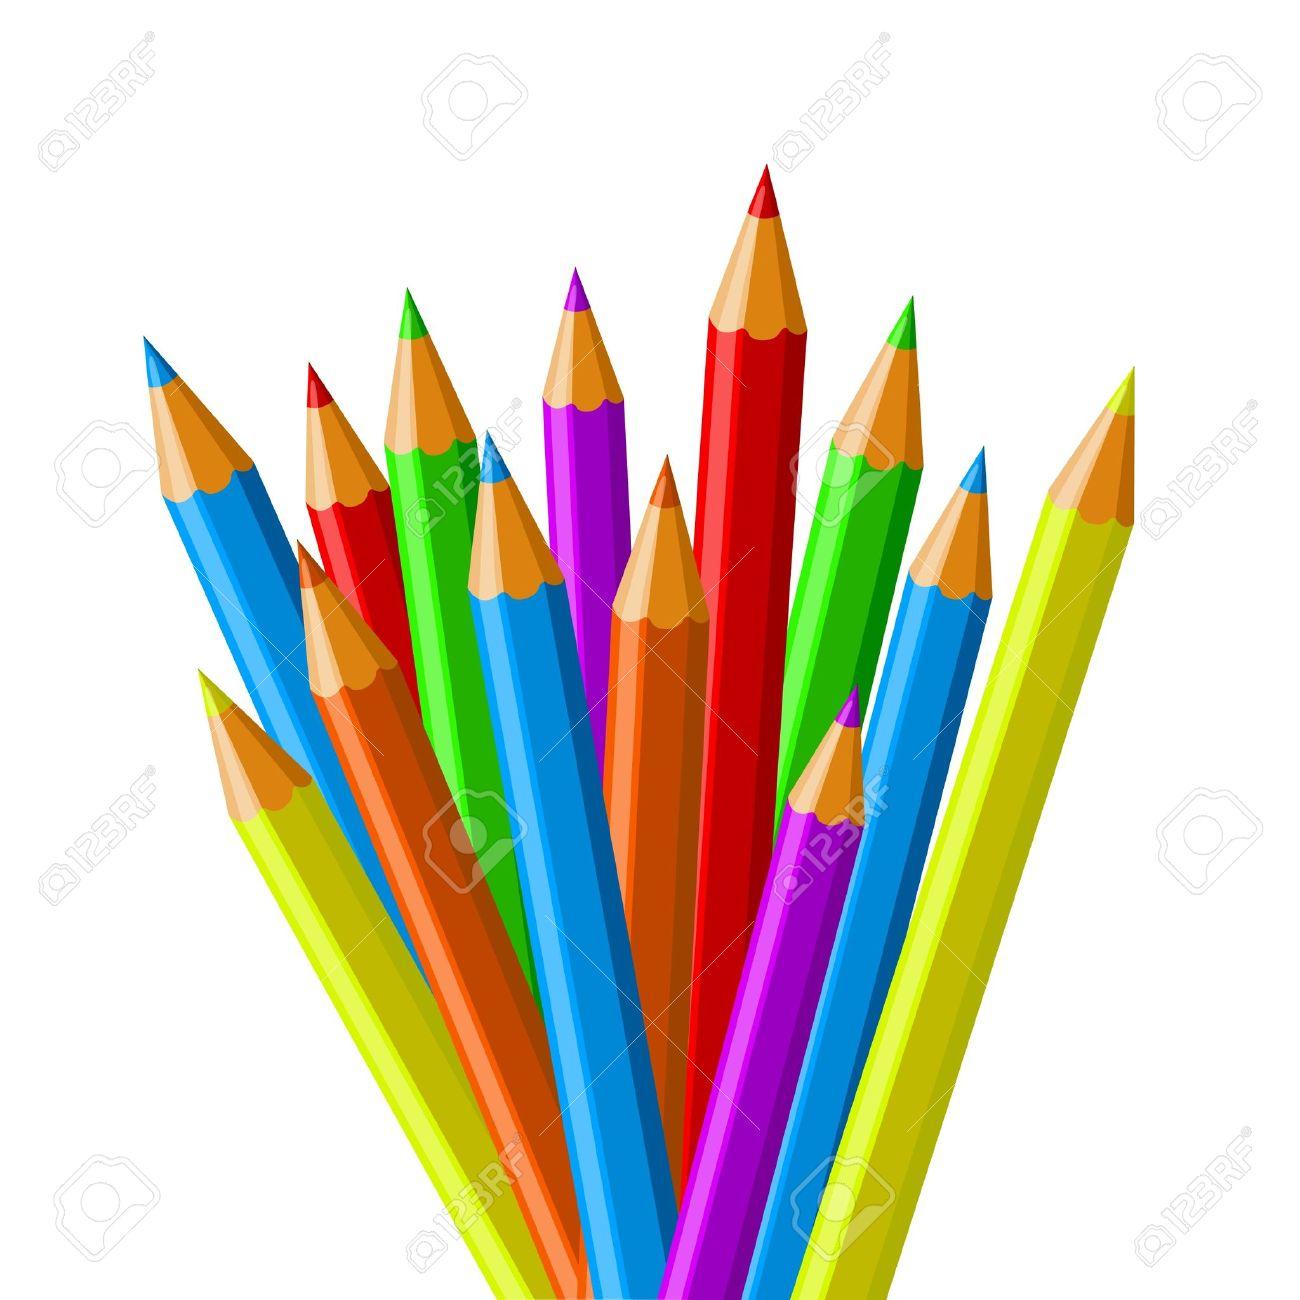 1300x1300 Crayon Clipart Pecil